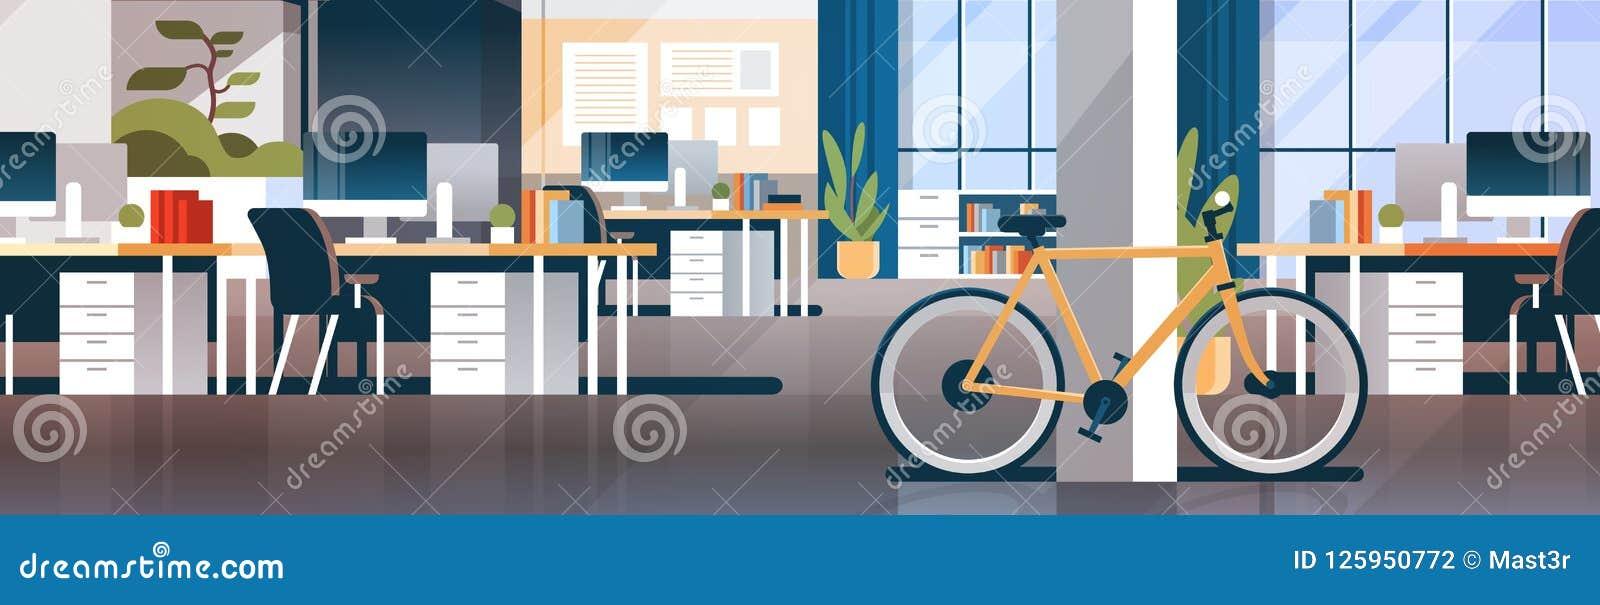 För mittrum för idérikt kontor coworking lägenhet för baner för inre modern för arbetsplats för skrivbord transport för cykel eko